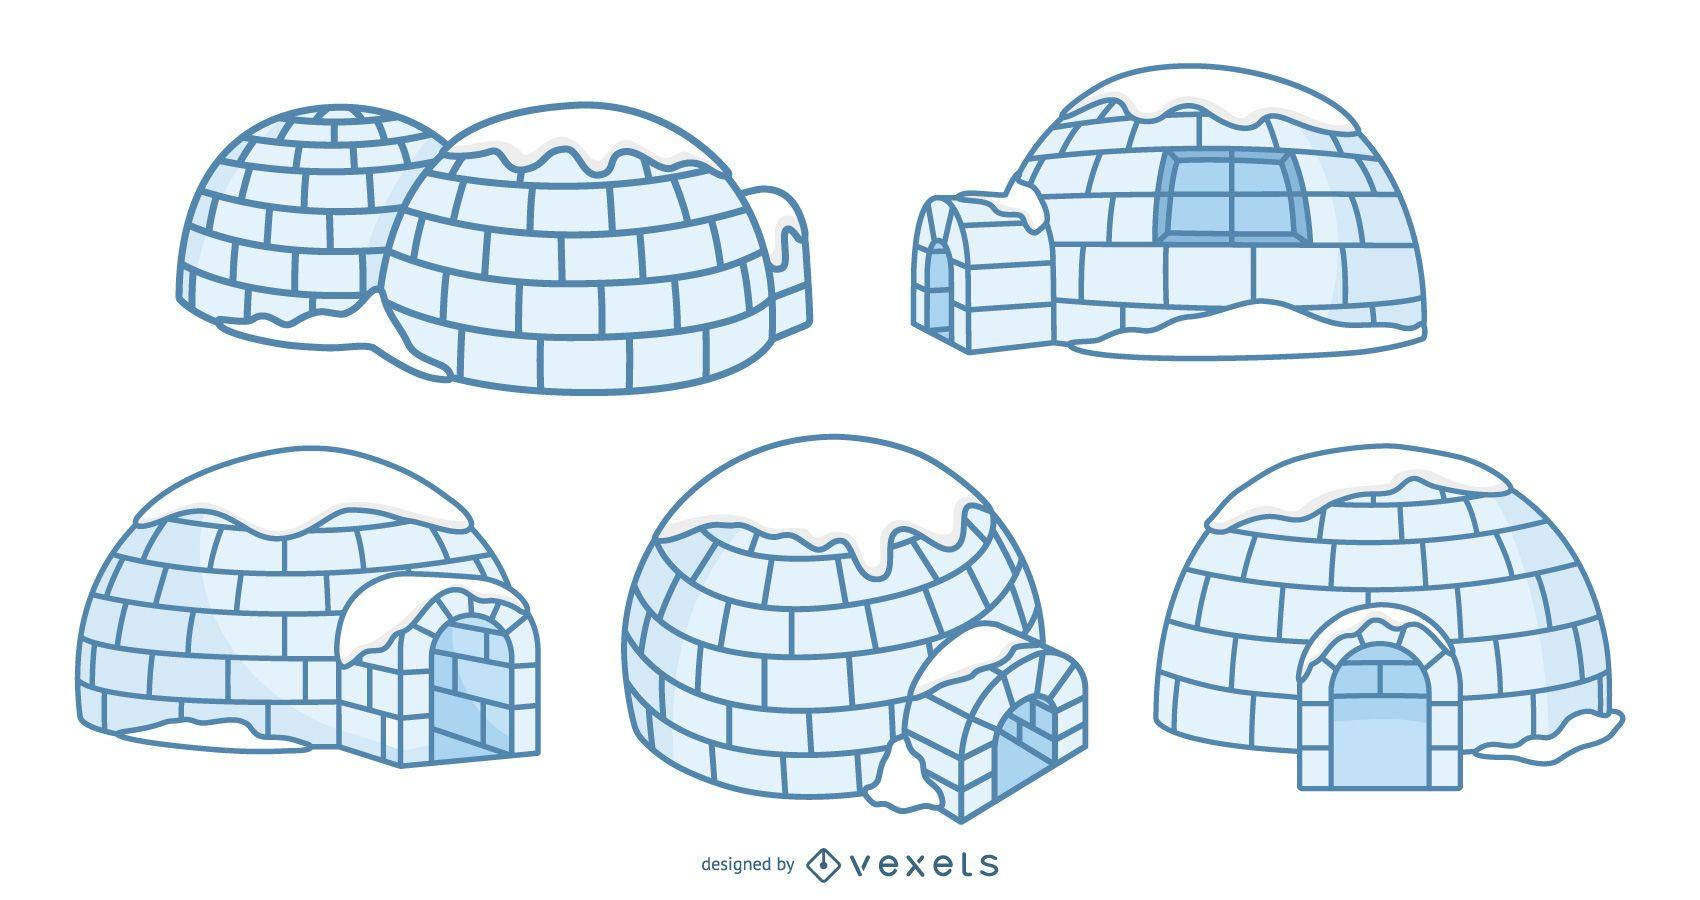 Igloos illustration set